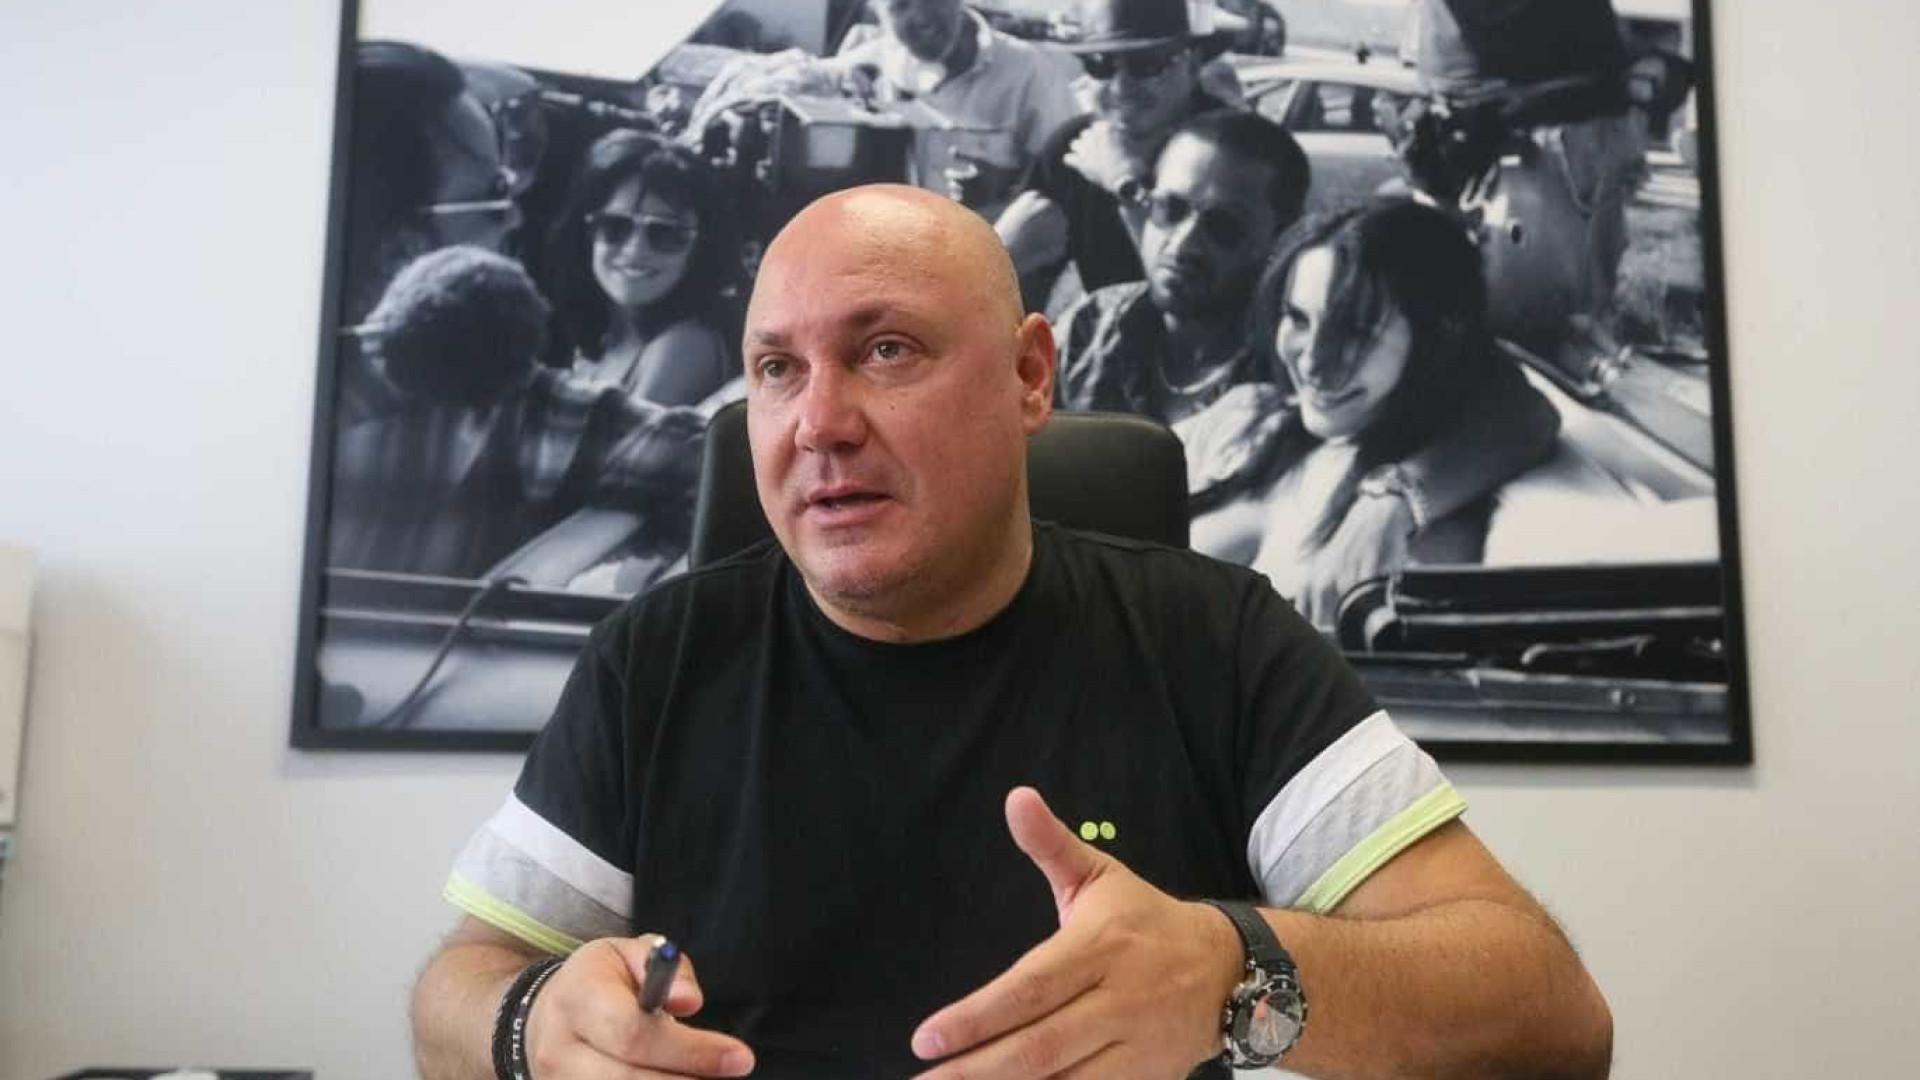 Leonel Vieira grava filme 'Tiro e Queda' em Viana do Castelo